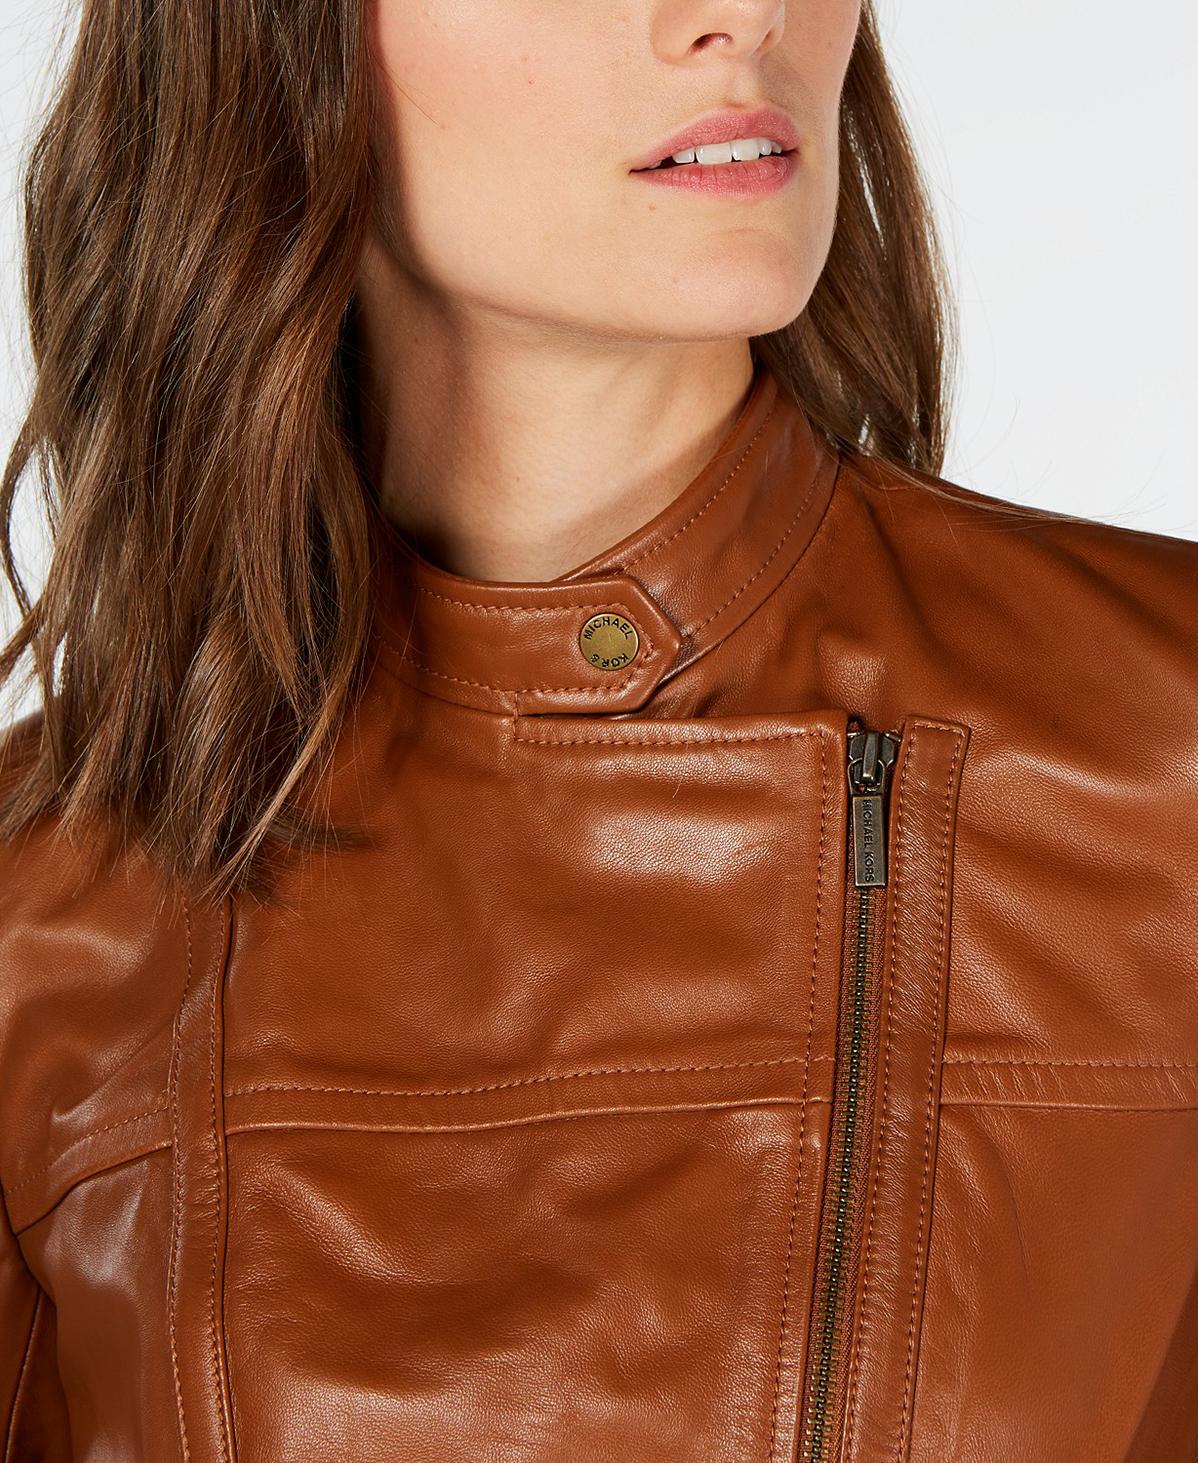 MIchael Kors Leather Jacket Snap Neck